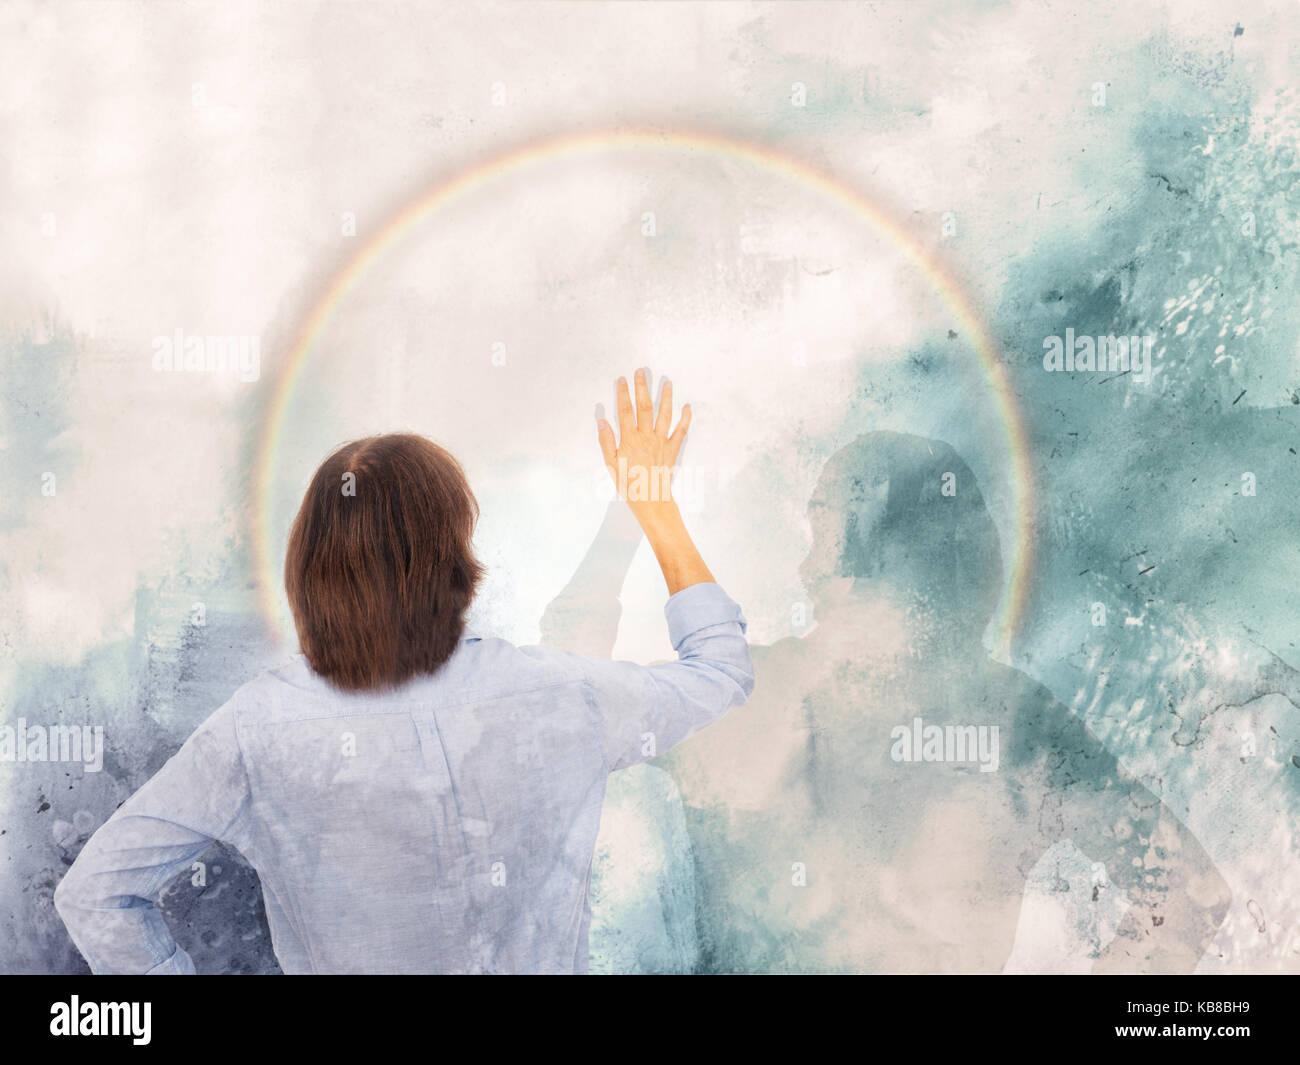 La soddisfazione del personale,a superare le avversità concetto. alta cinque con ombra. Immagini Stock